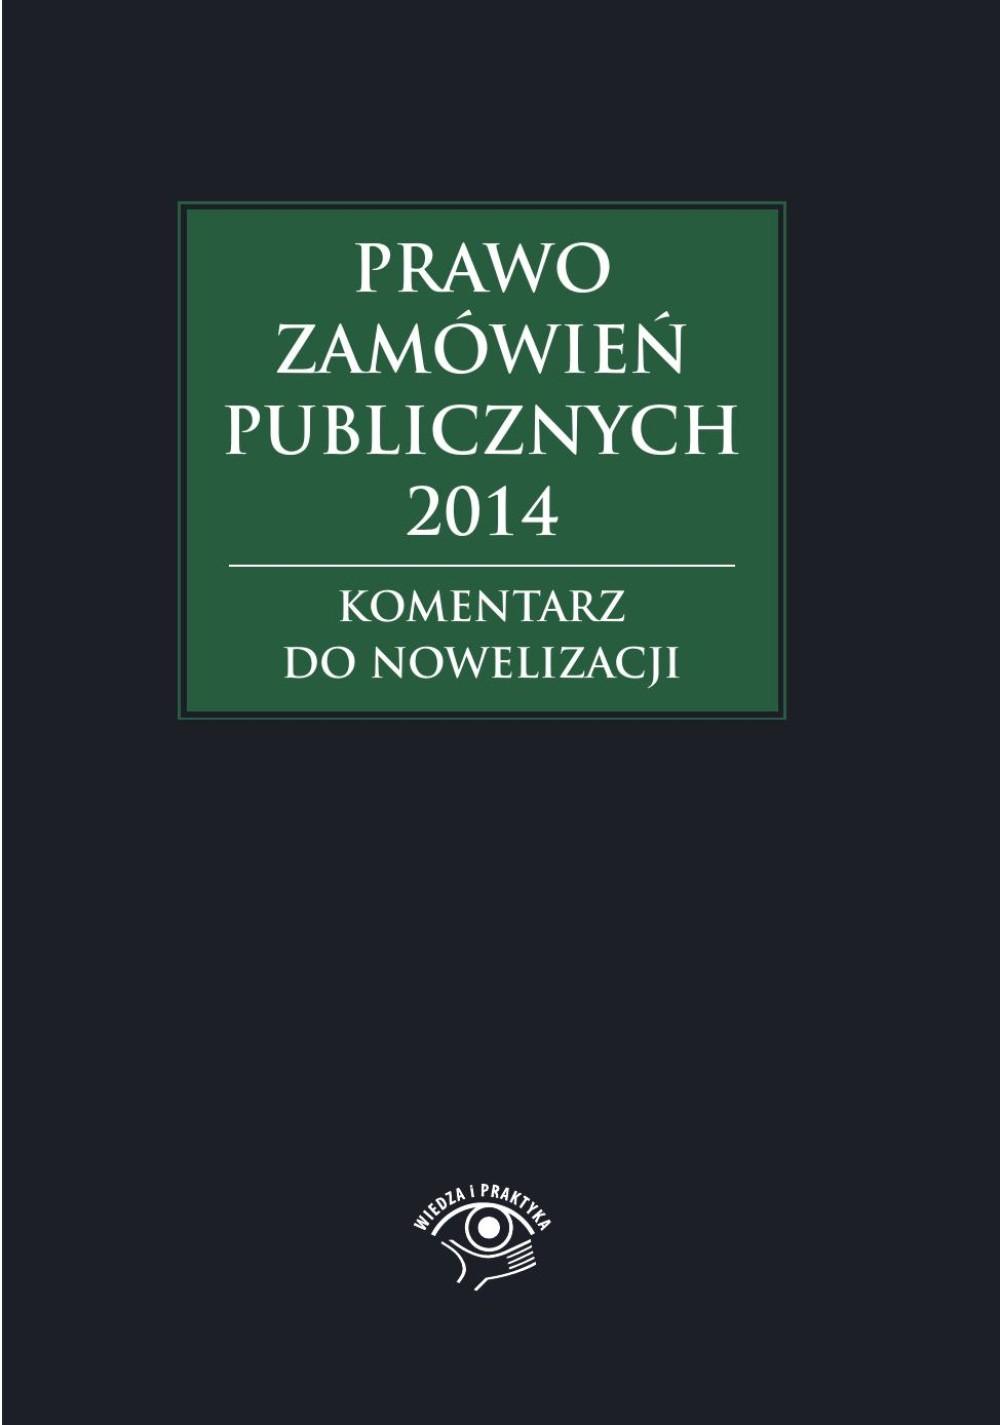 :: Prawo zamówień publicznych 2014. Komentarz do nowelizacji - e-book ::